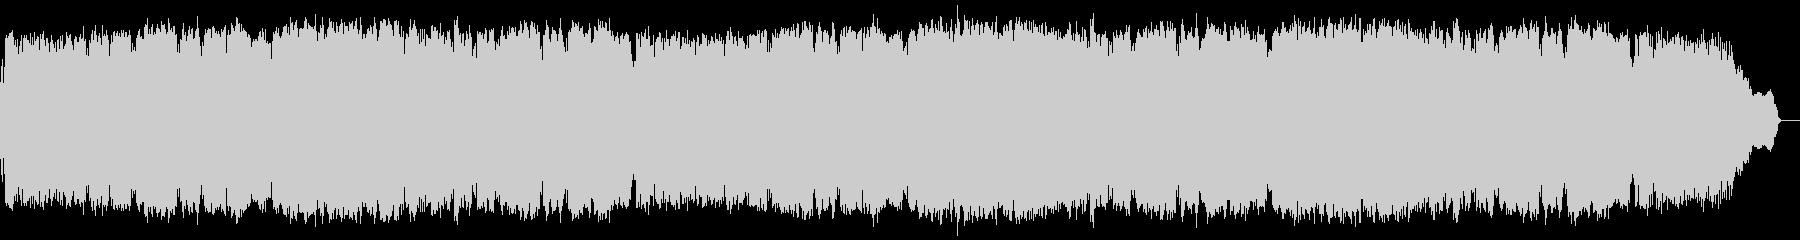 優しく寄り添うサックスの3連ロカバラ歌謡の未再生の波形